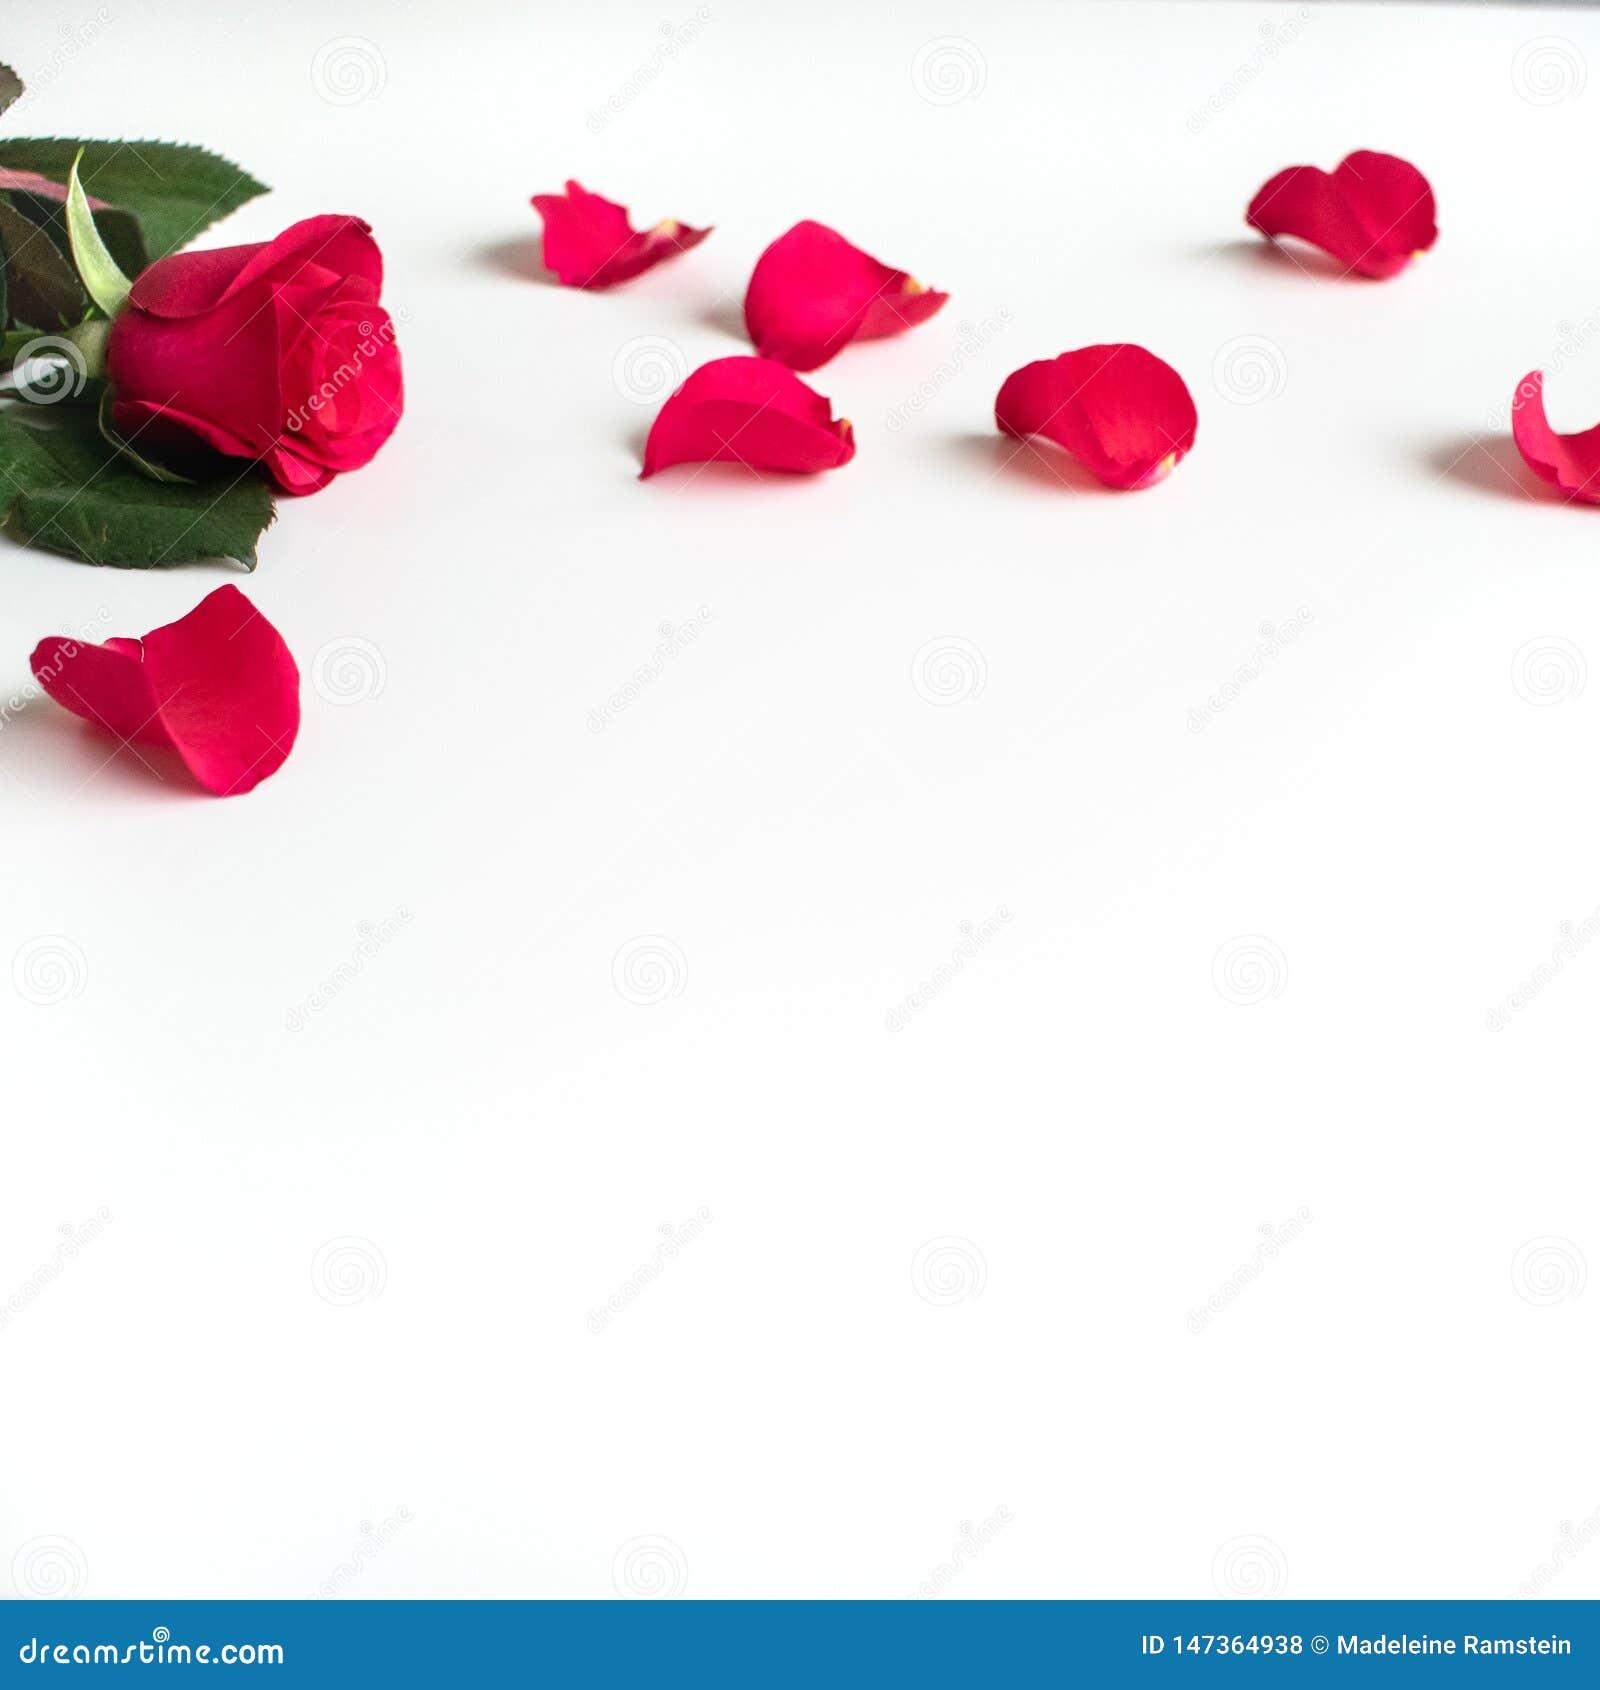 Rosa roja en una tabla blanca con los pétalos rojos